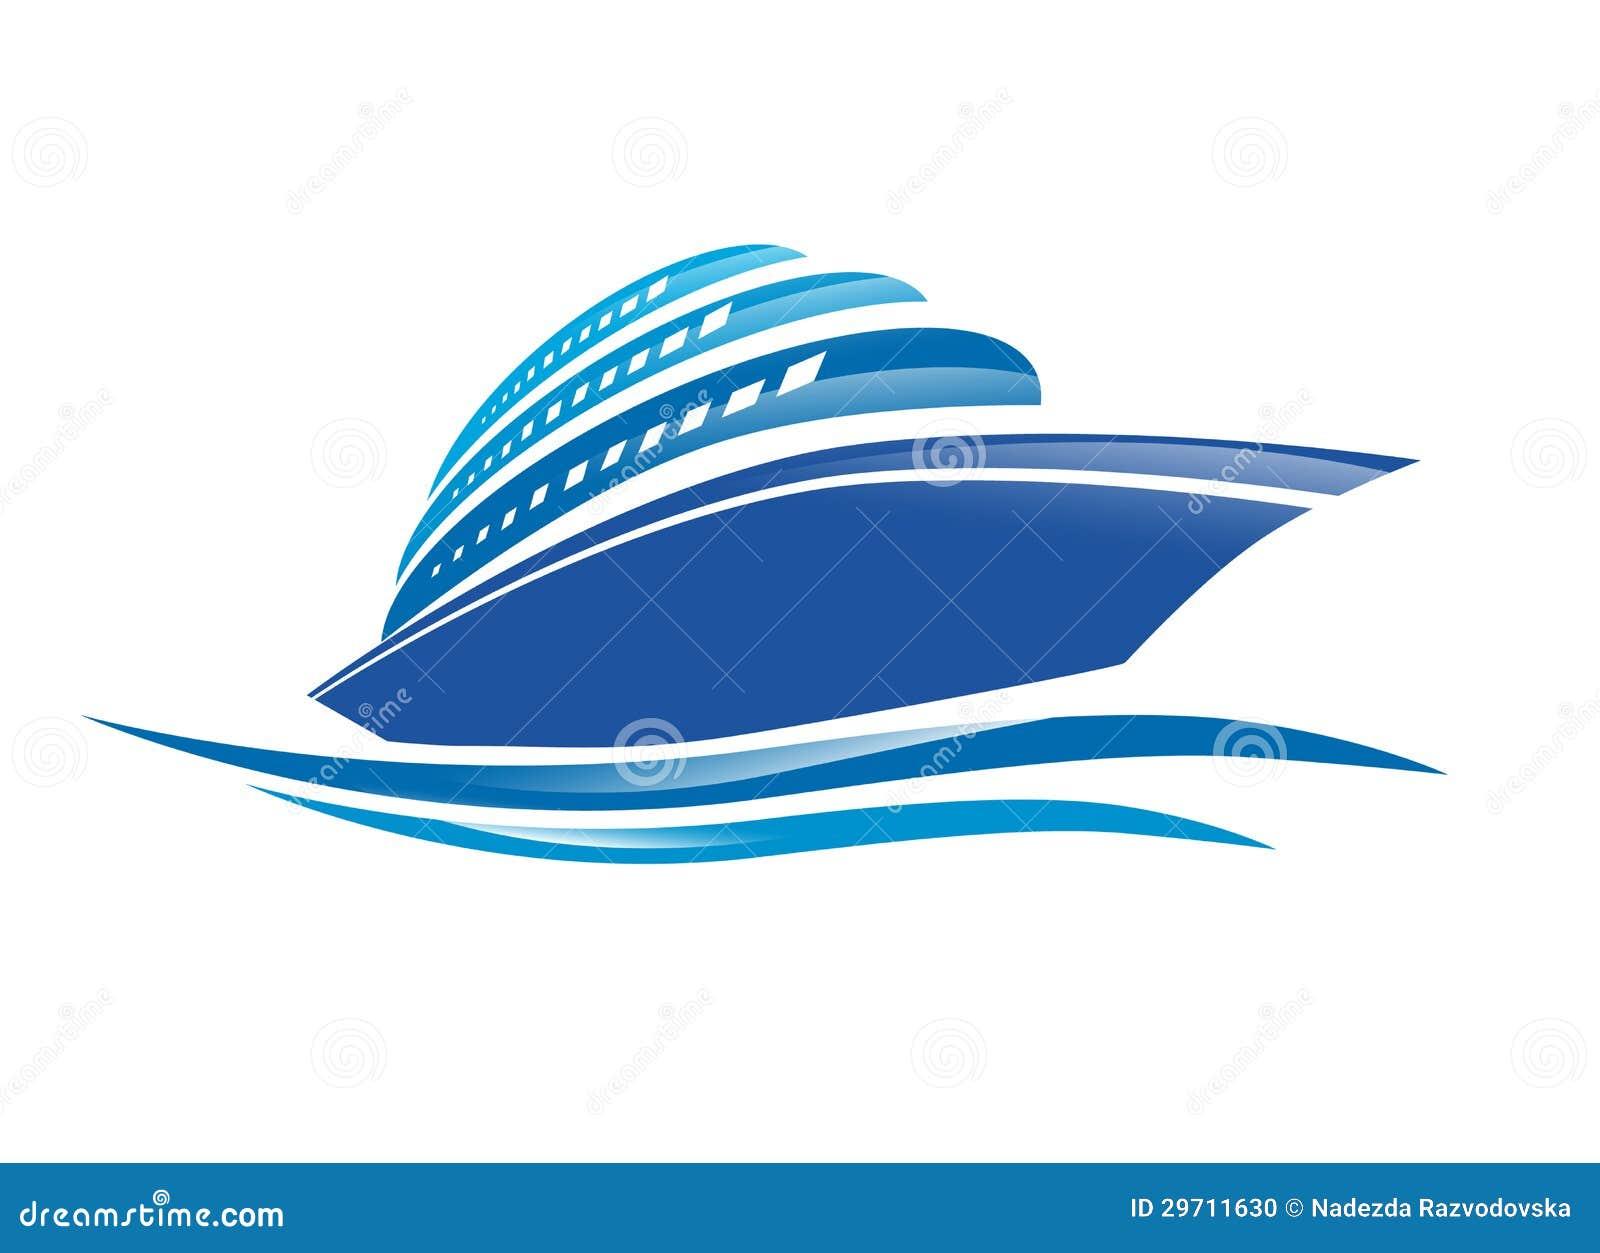 Barco De Cruceros Foto De Archivo Imagen 29711630